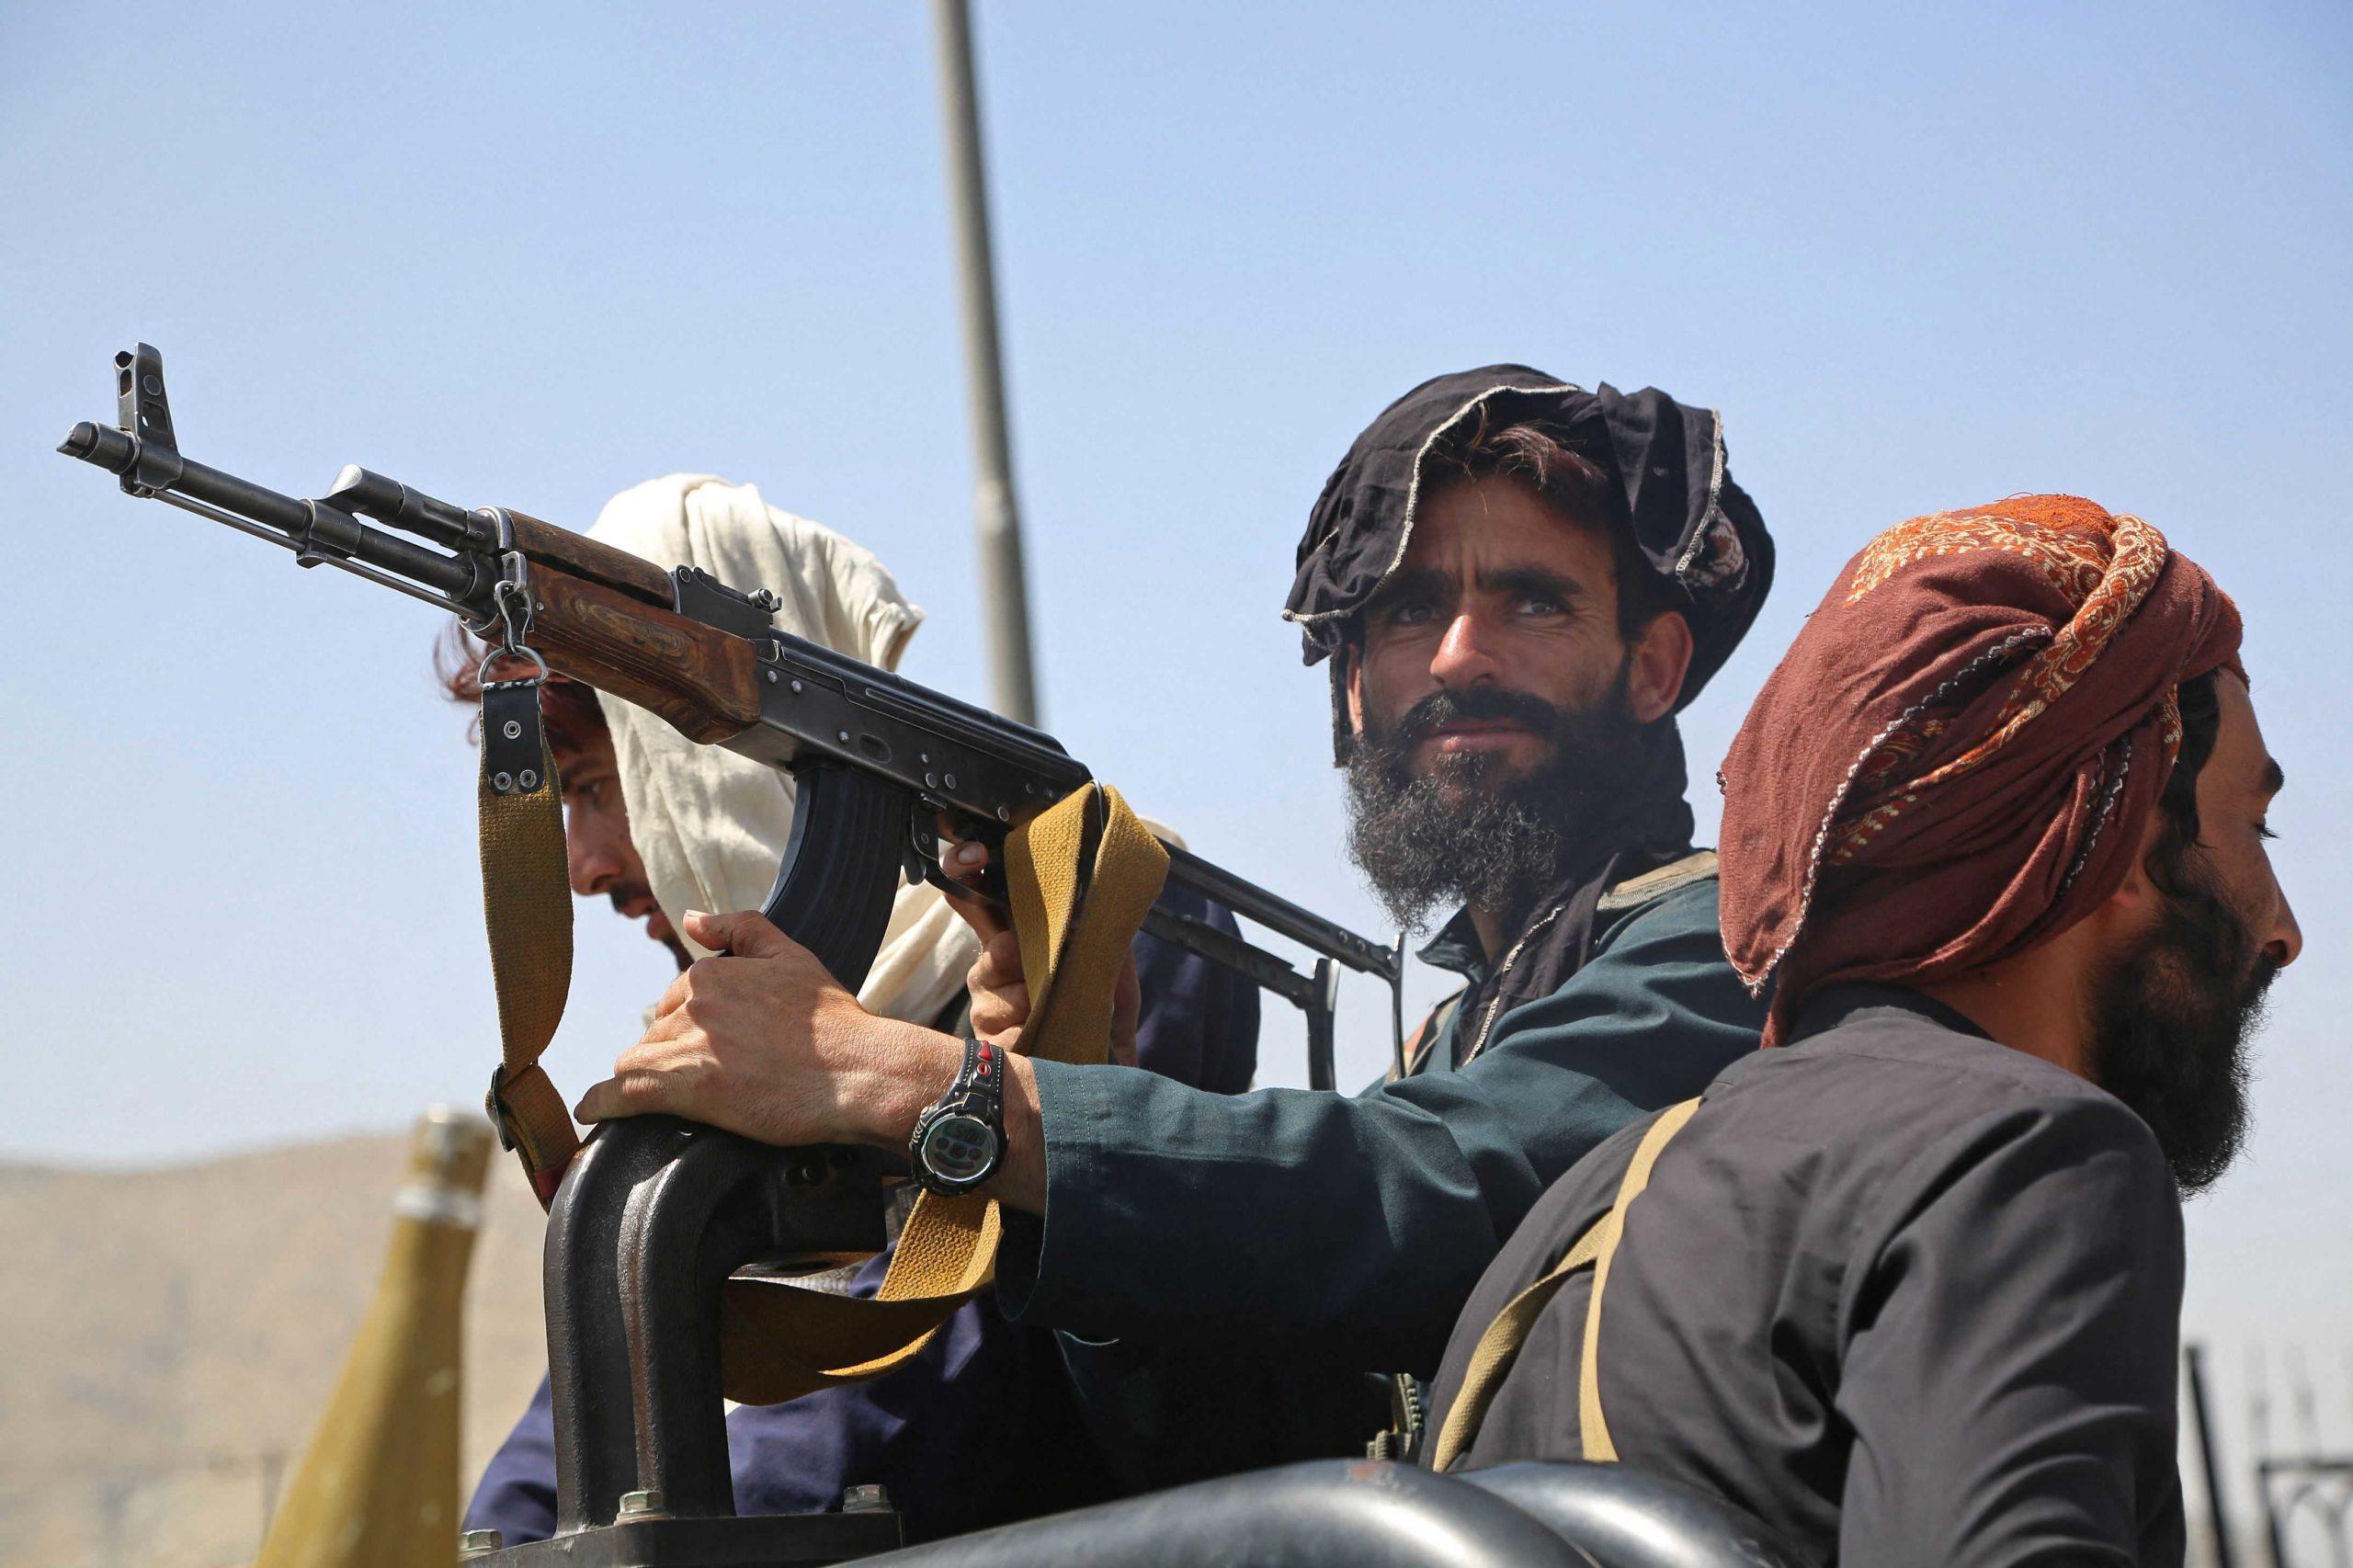 gettyimages 1234711006 scaled - <b>«Талібан» — це новий ІДІЛ? Чи є загроза для України?</b> Відповідаємо на головні питання про війну в Афганістані - Заборона